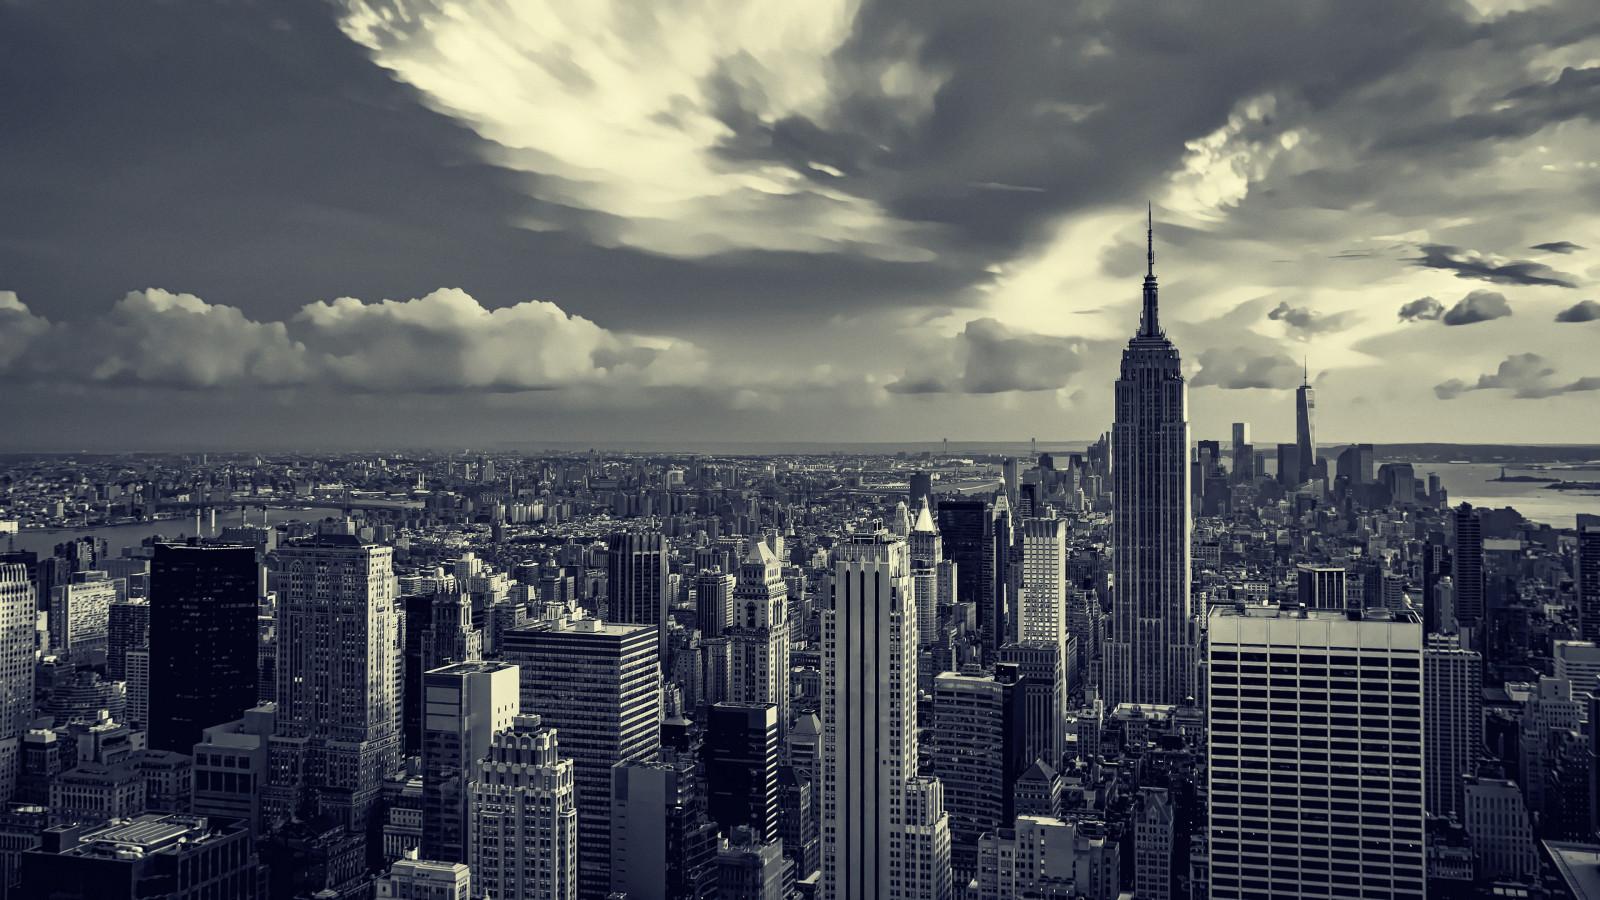 Sfondi monocromo citt paesaggio urbano cielo nuvole for Foto alta definizione bianco e nero